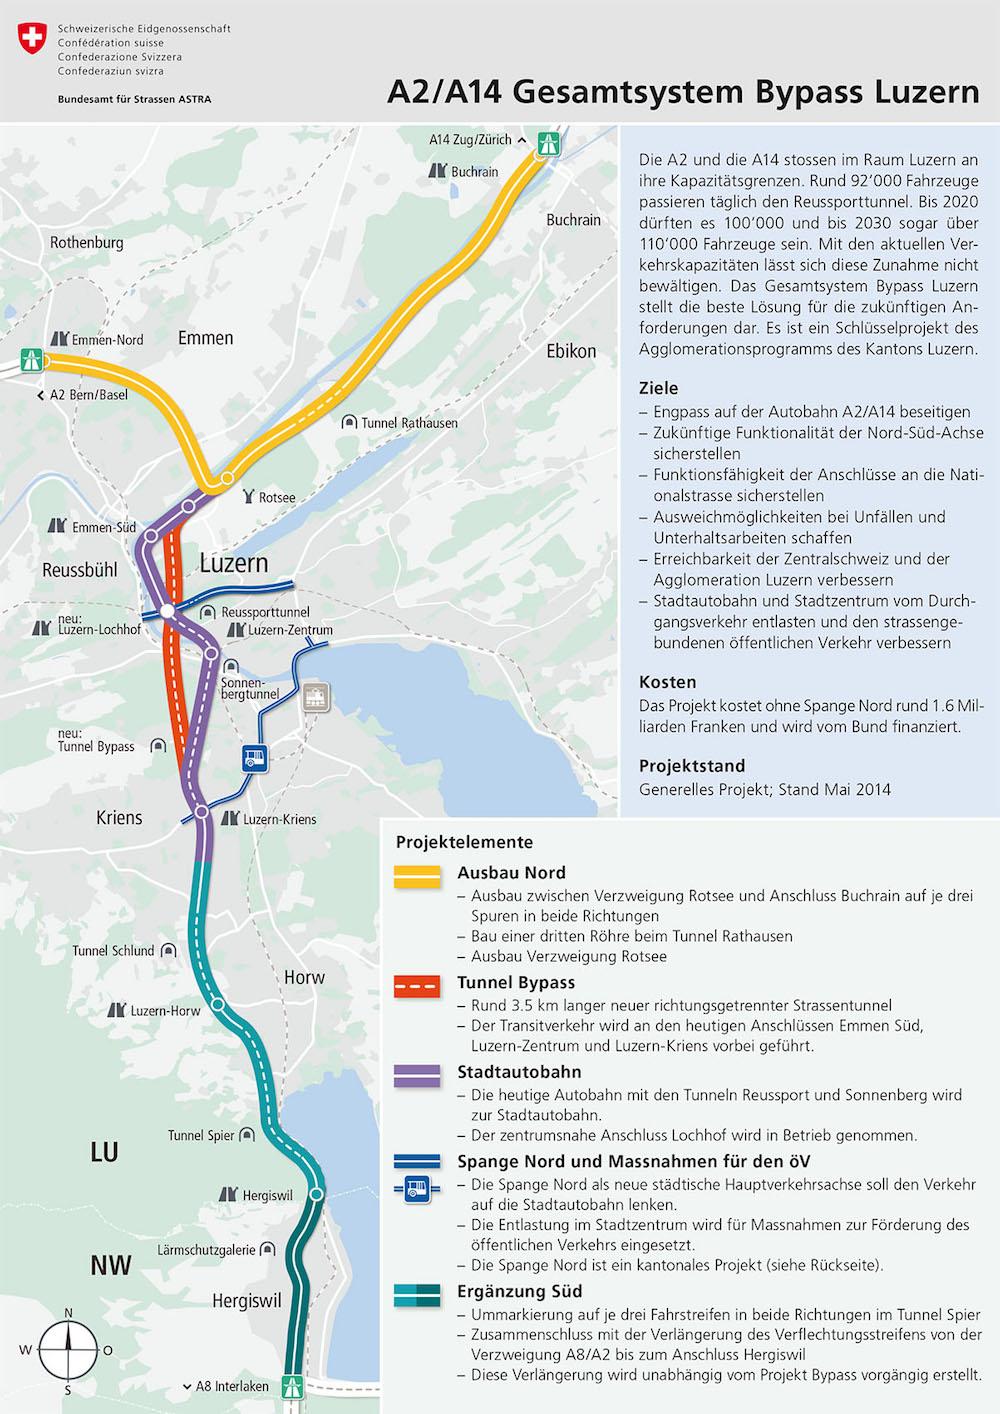 So sehen die verschiedenen Massnahmen des Projekts Bypass Luzern aus.